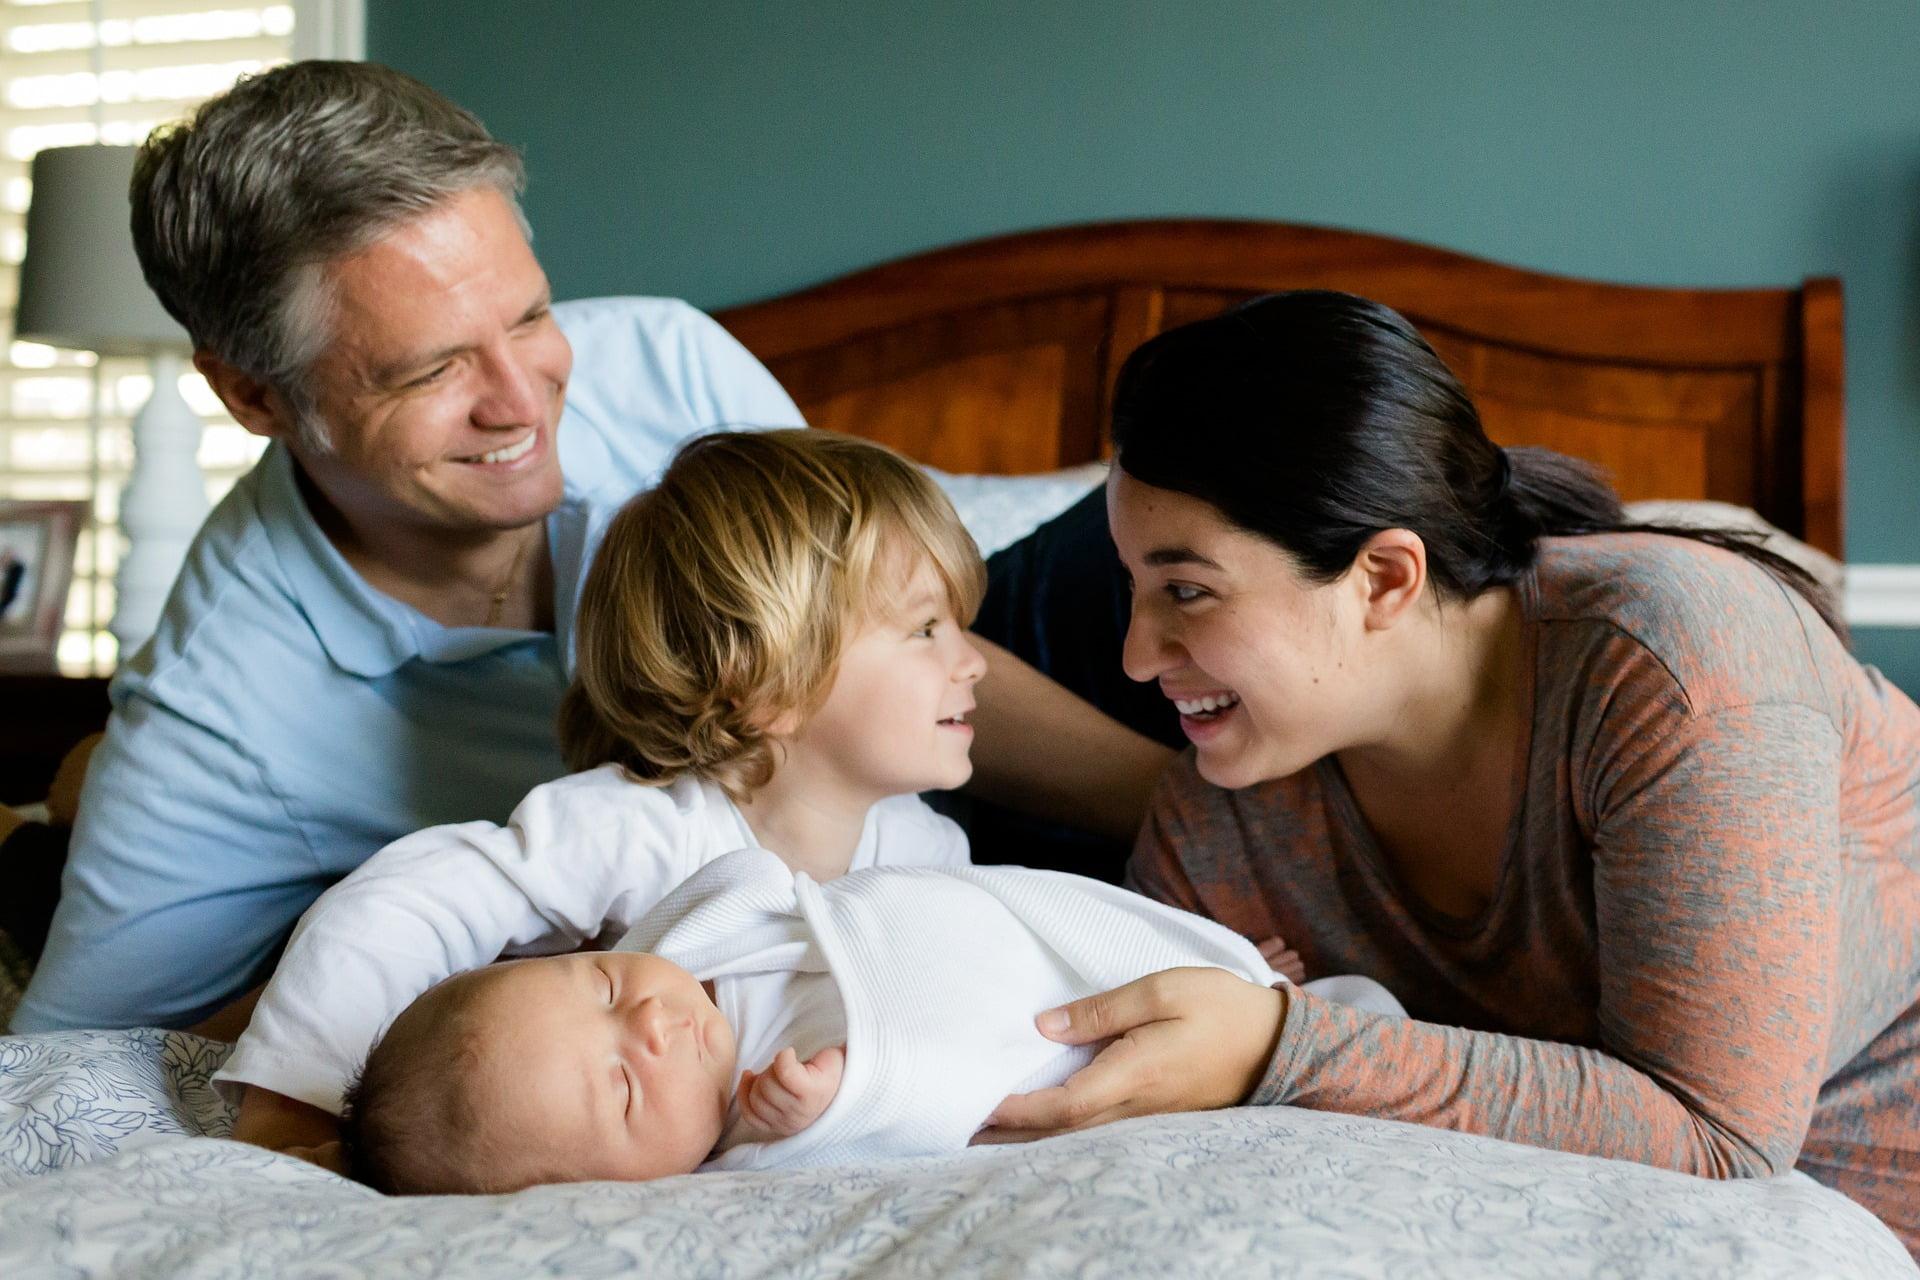 Rodzina leży na łóżku, dwójka małych dzieci i rodzice